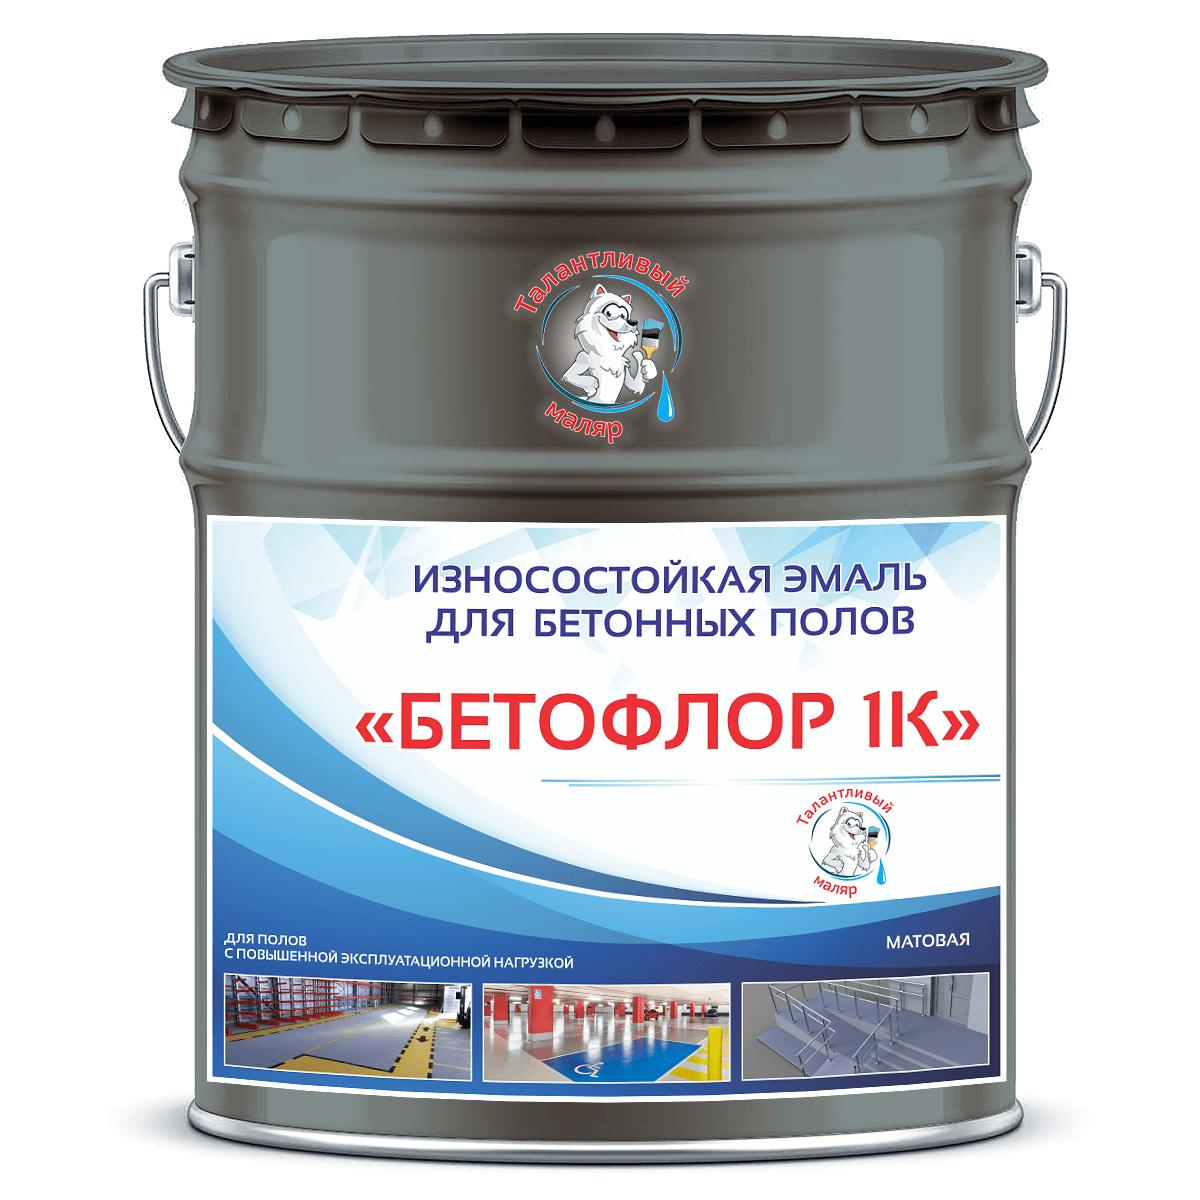 """Фото 15 - BF7016 Эмаль для бетонных полов """"Бетофлор"""" 1К цвет RAL 7016 Серый антрацит, матовая износостойкая, 25 кг """"Талантливый Маляр""""."""